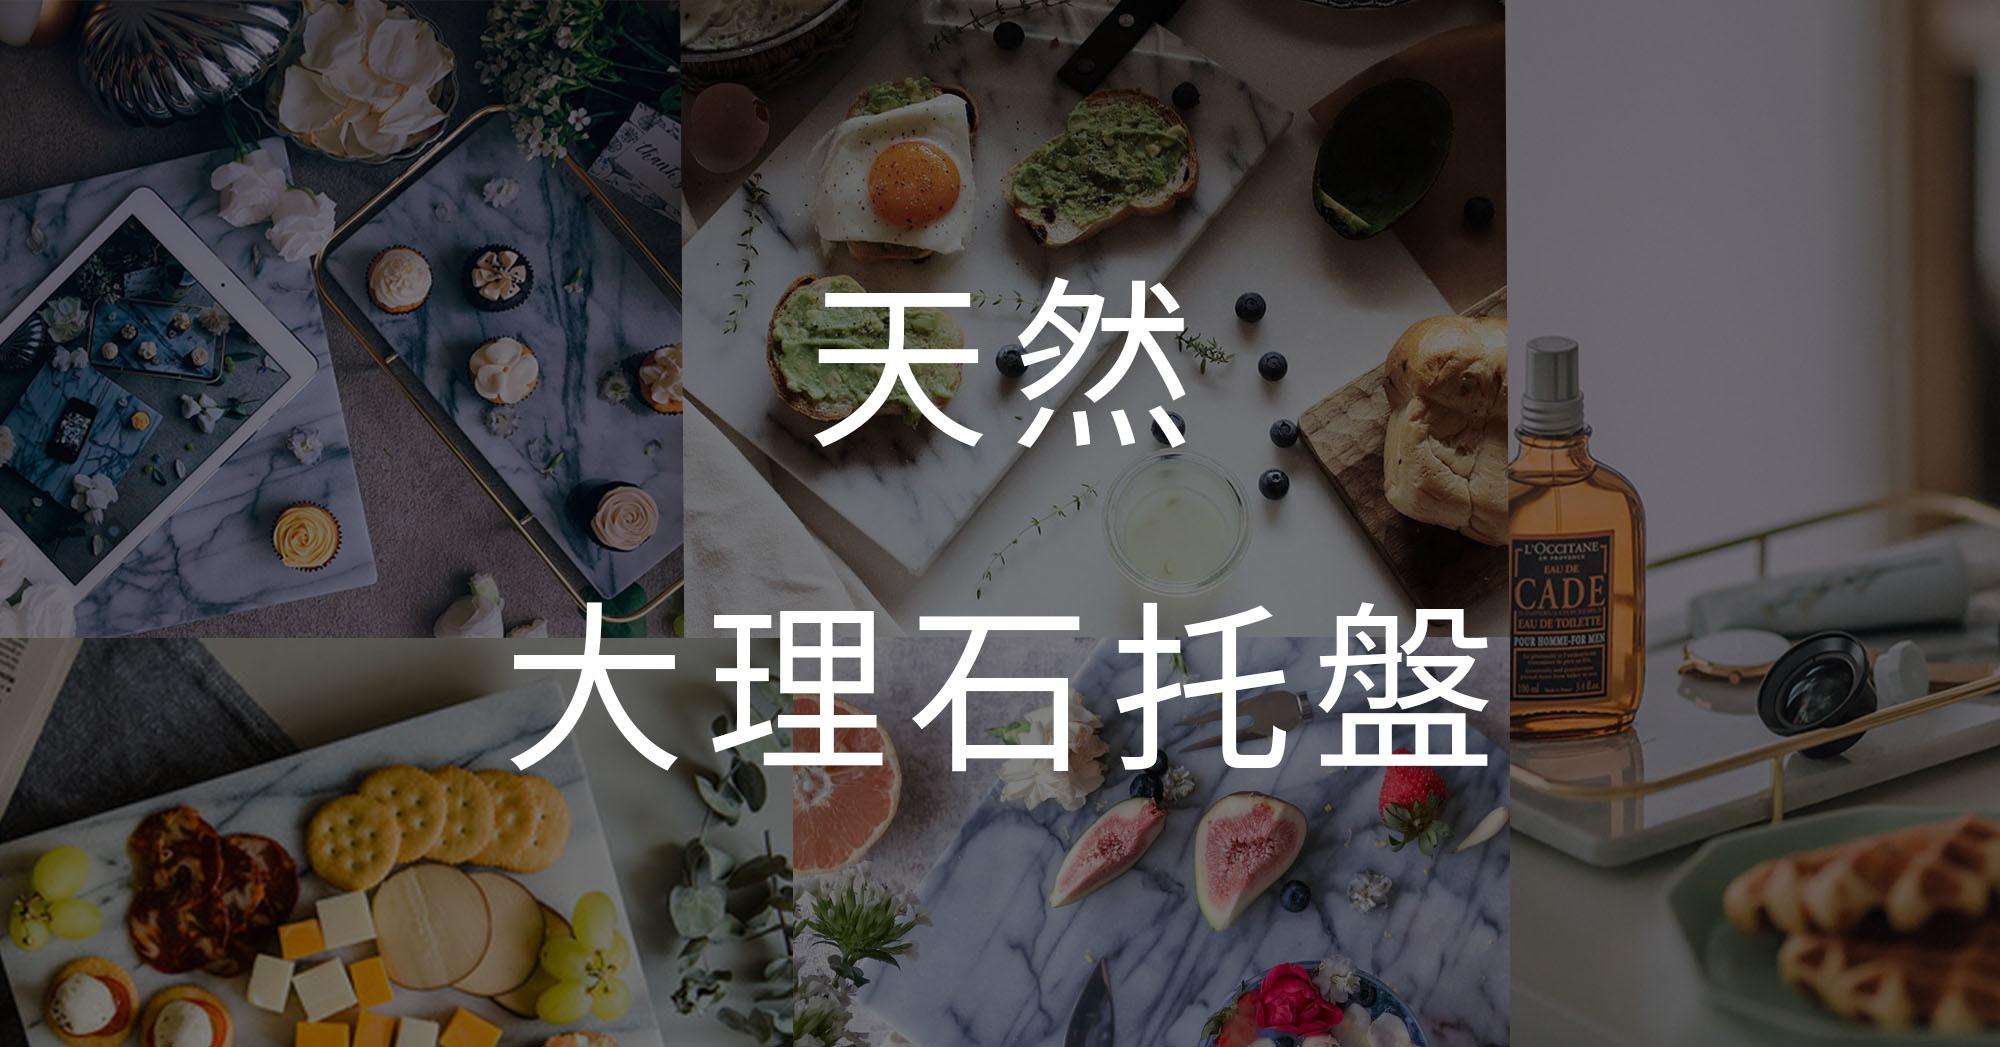 FMT我的菜,大理石,推薦,口碑,評價